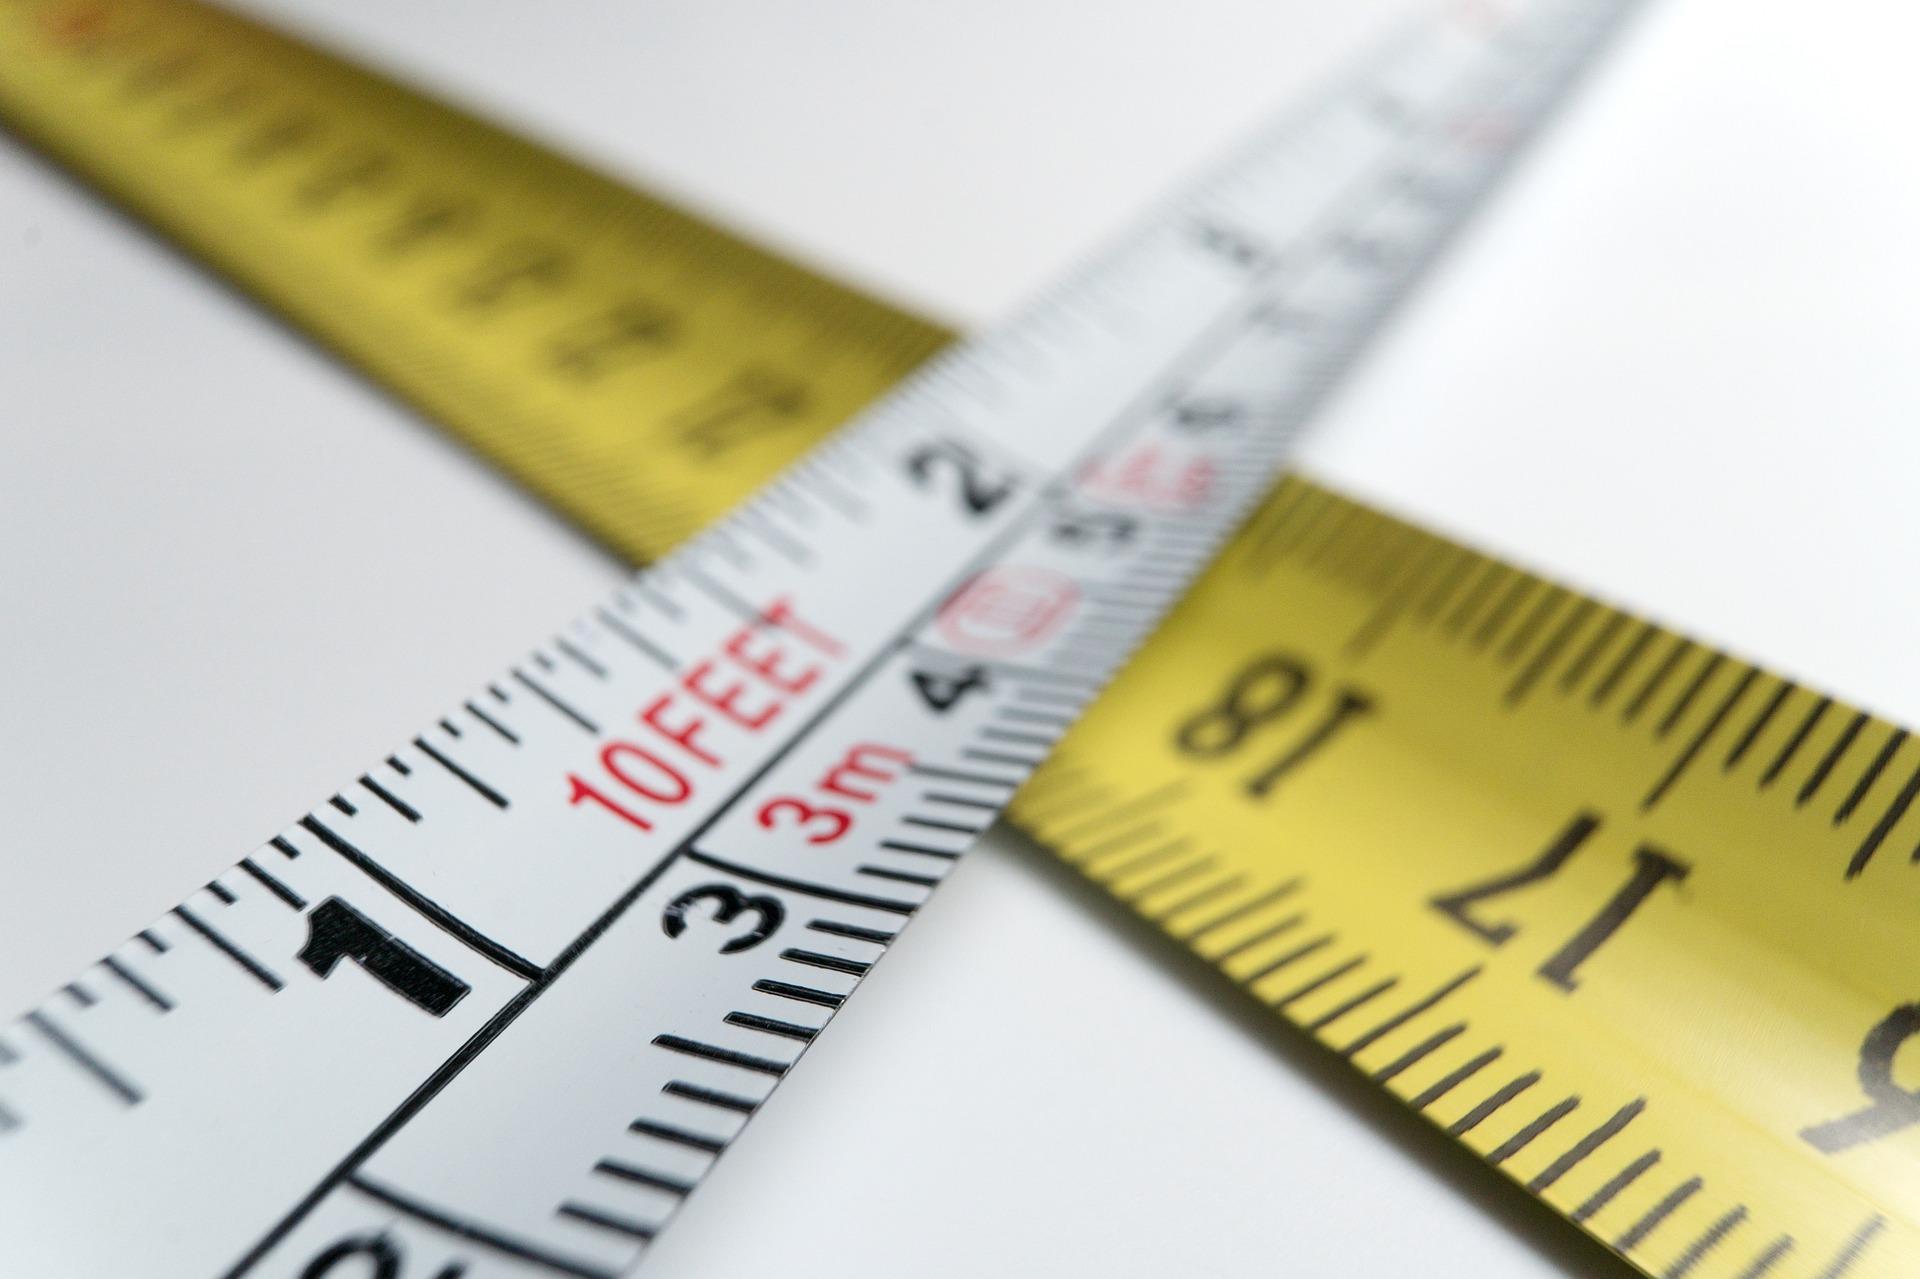 Metrics and impact